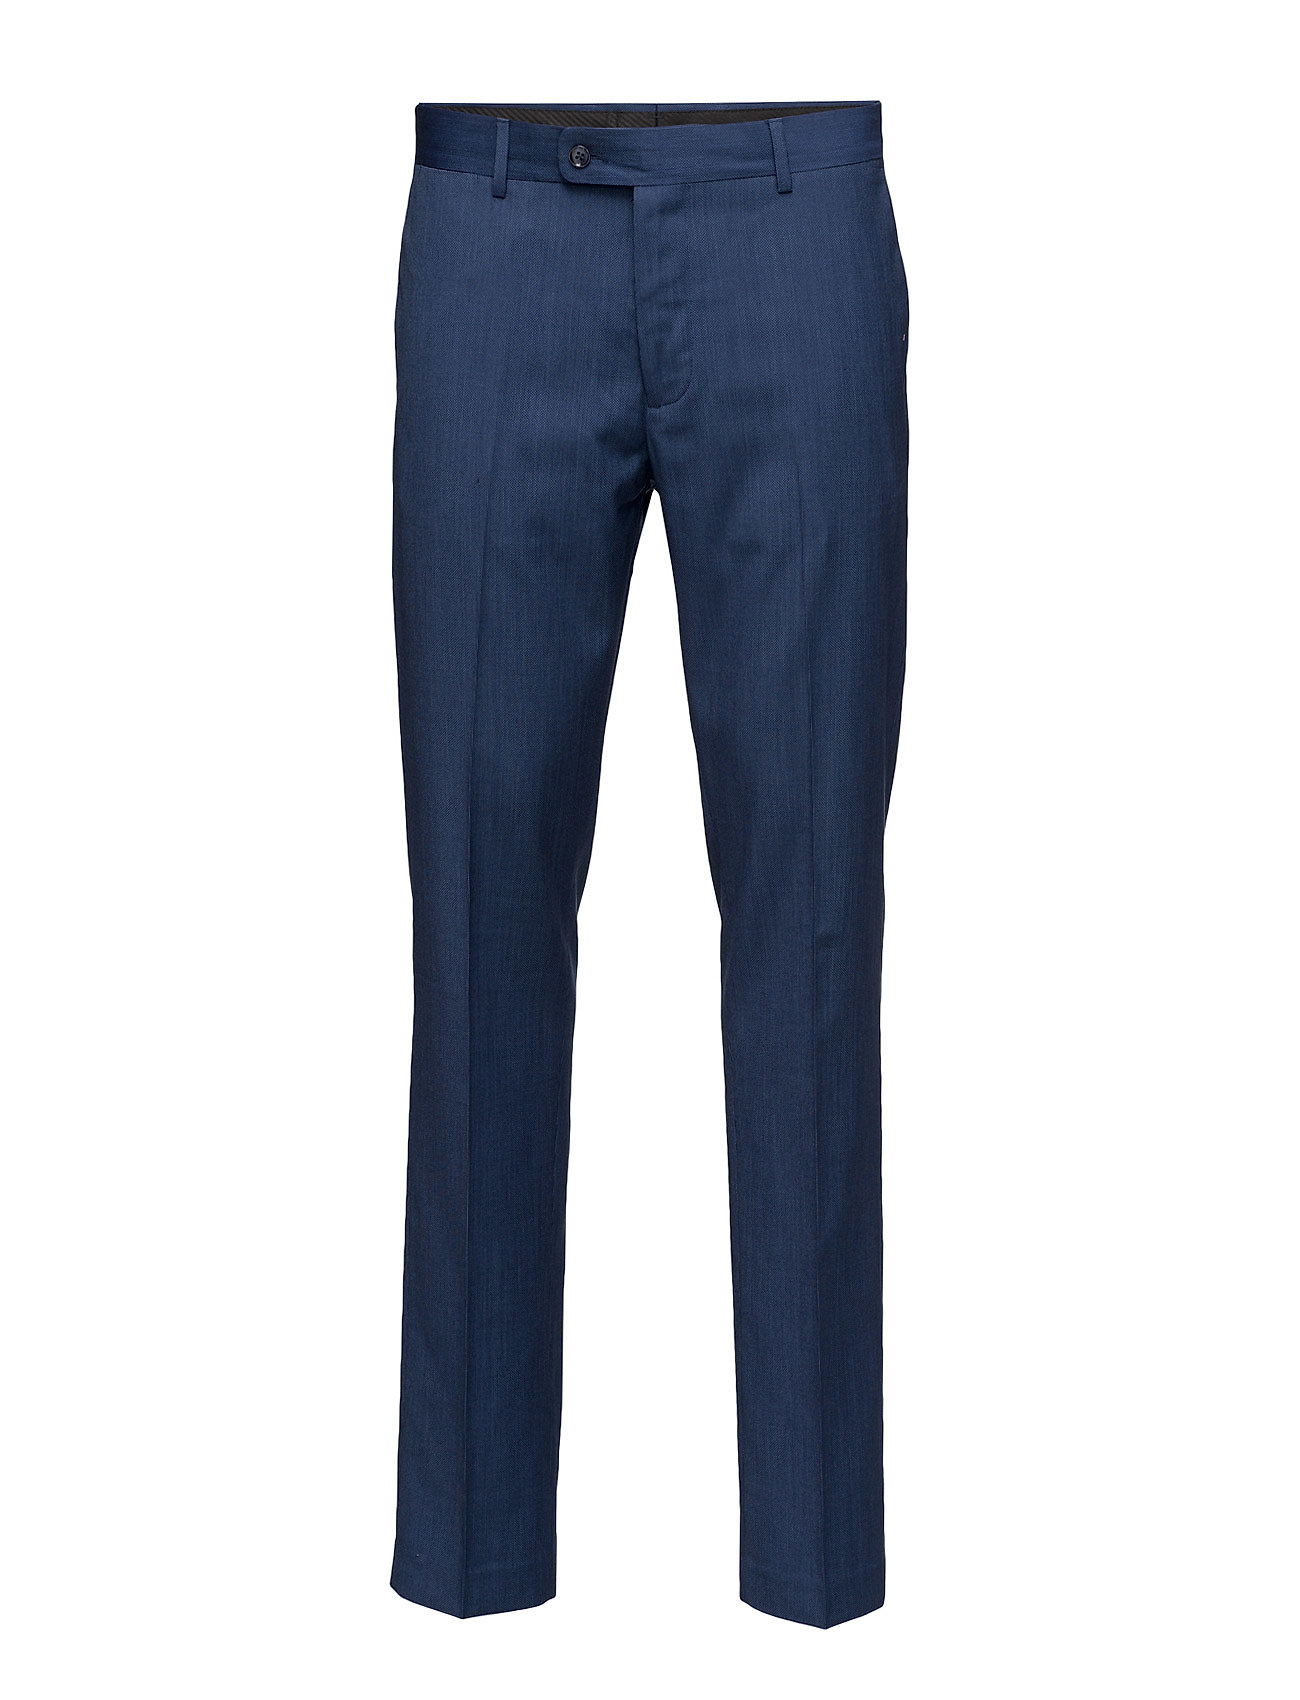 Slim-Fit Patterned Suit Trousers Mango Man Bukser til Herrer i Bright blå